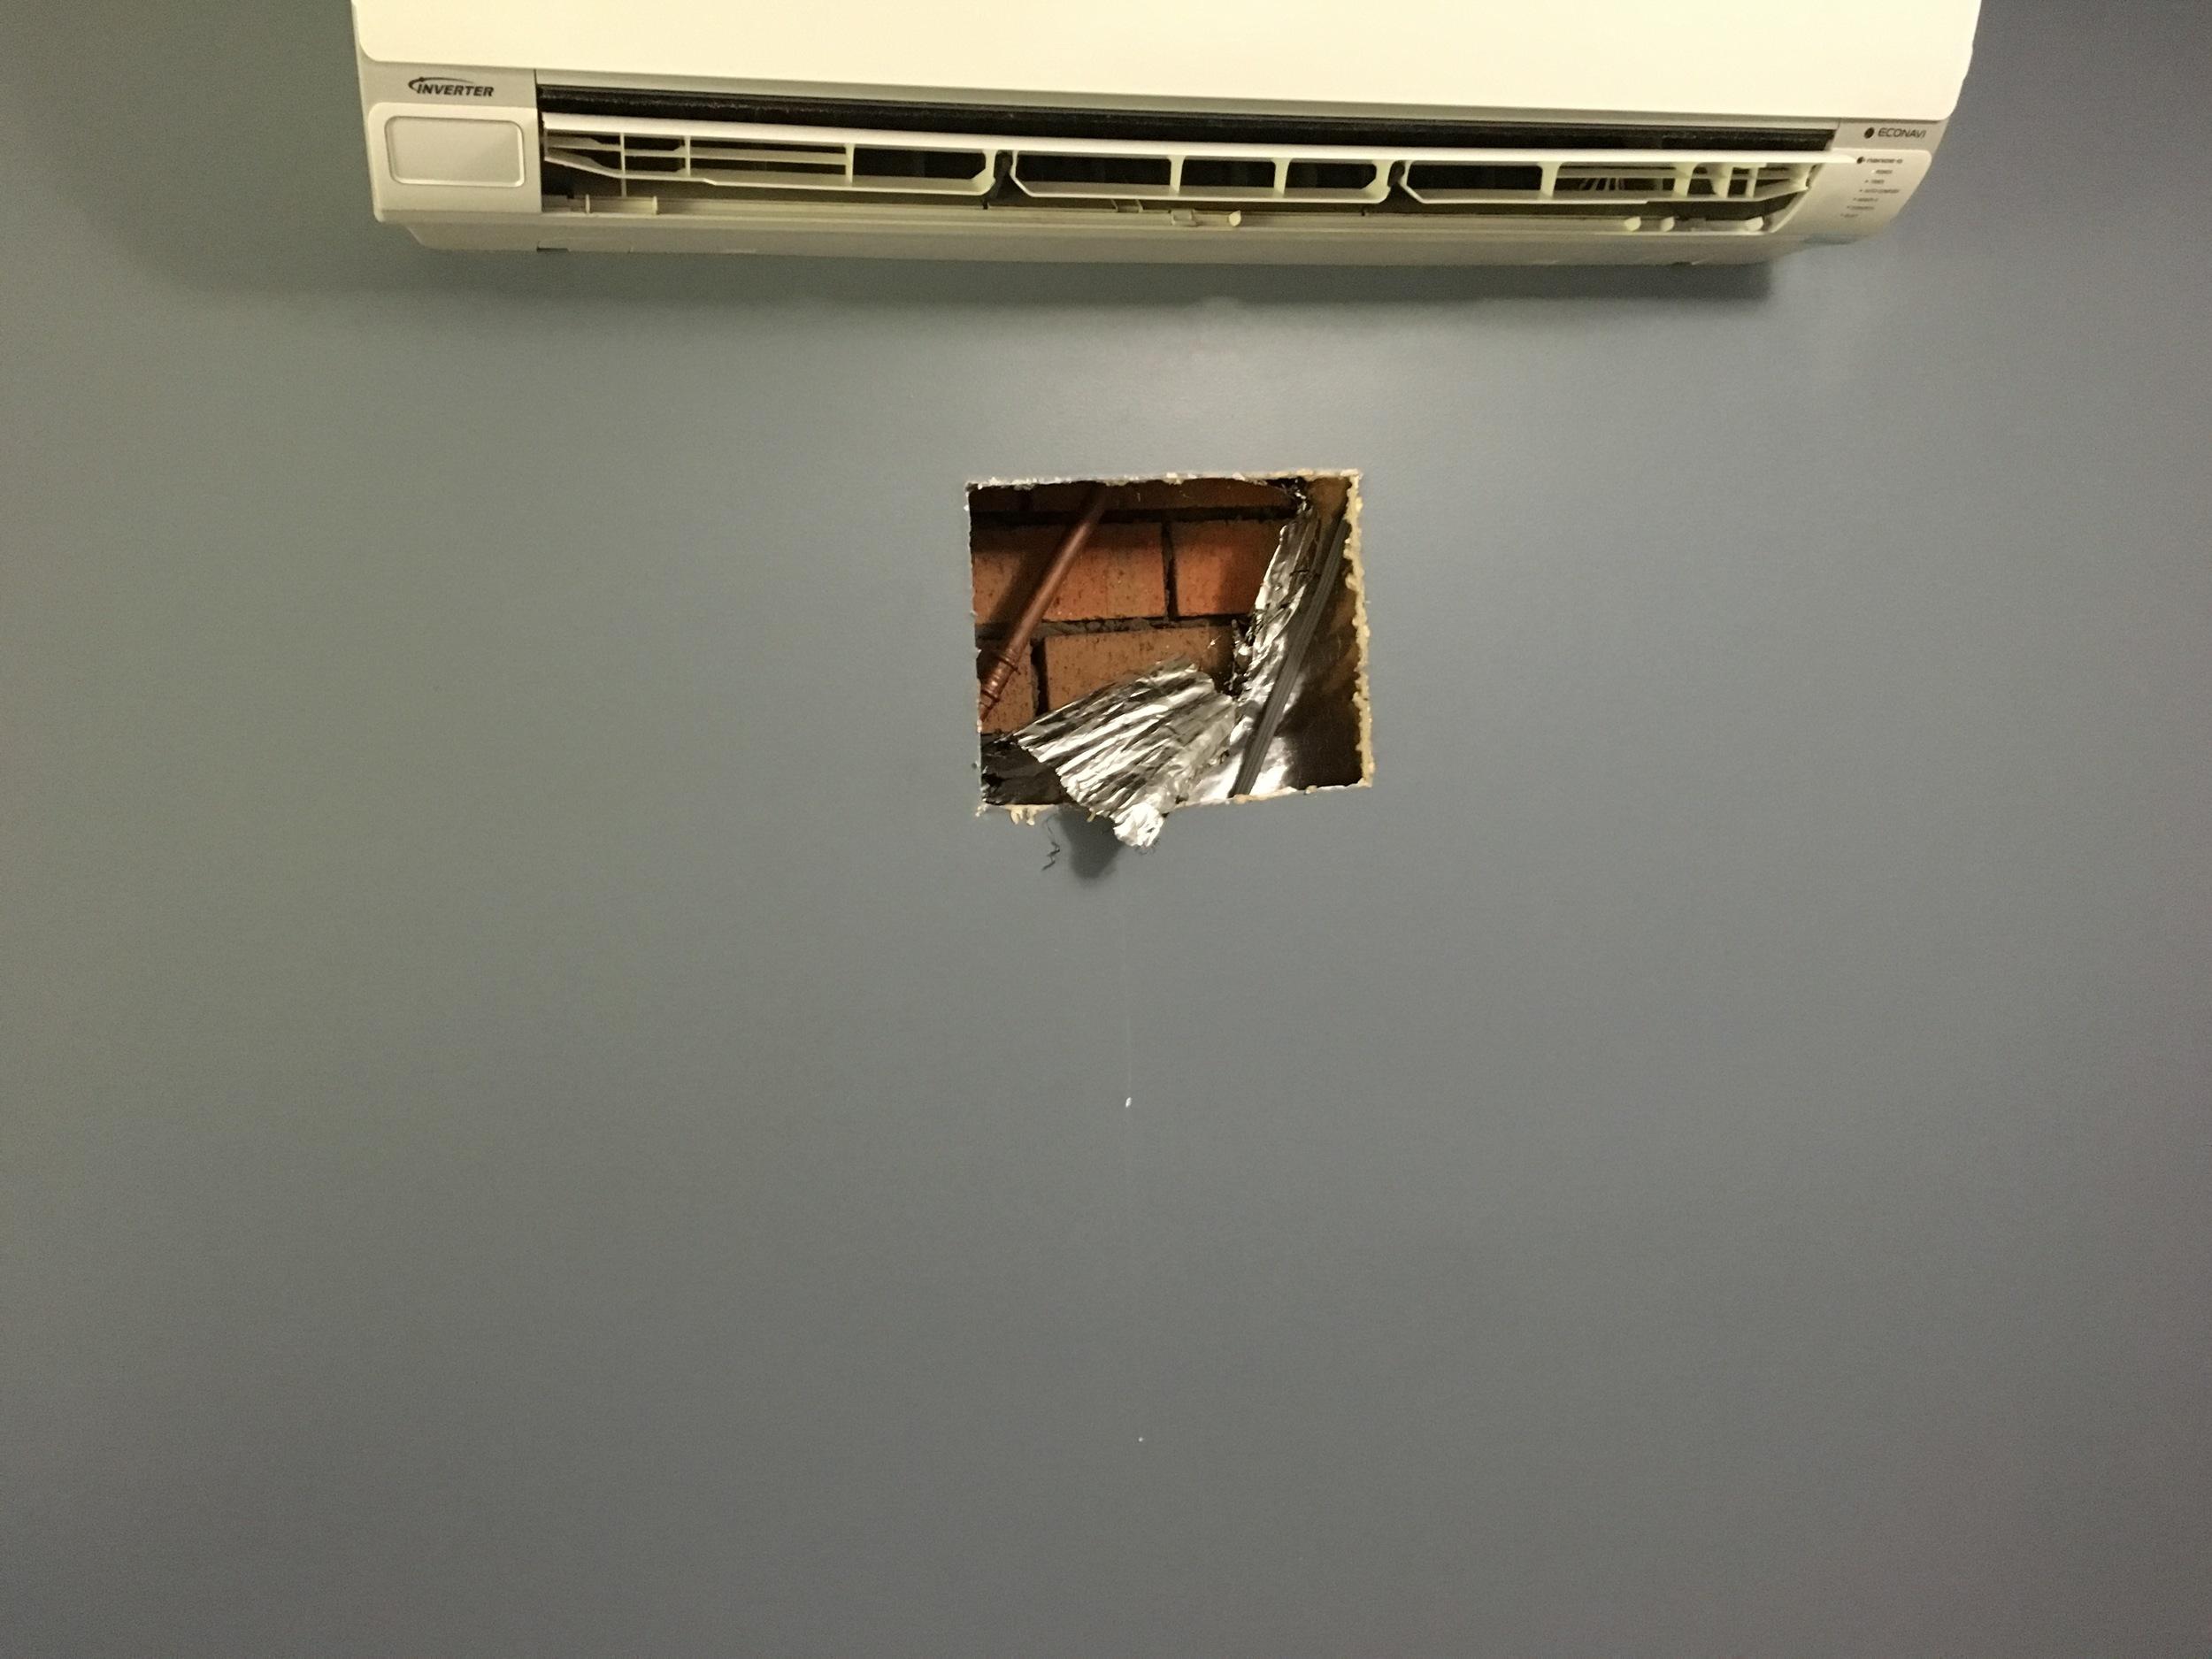 Cavity wall damage cut away